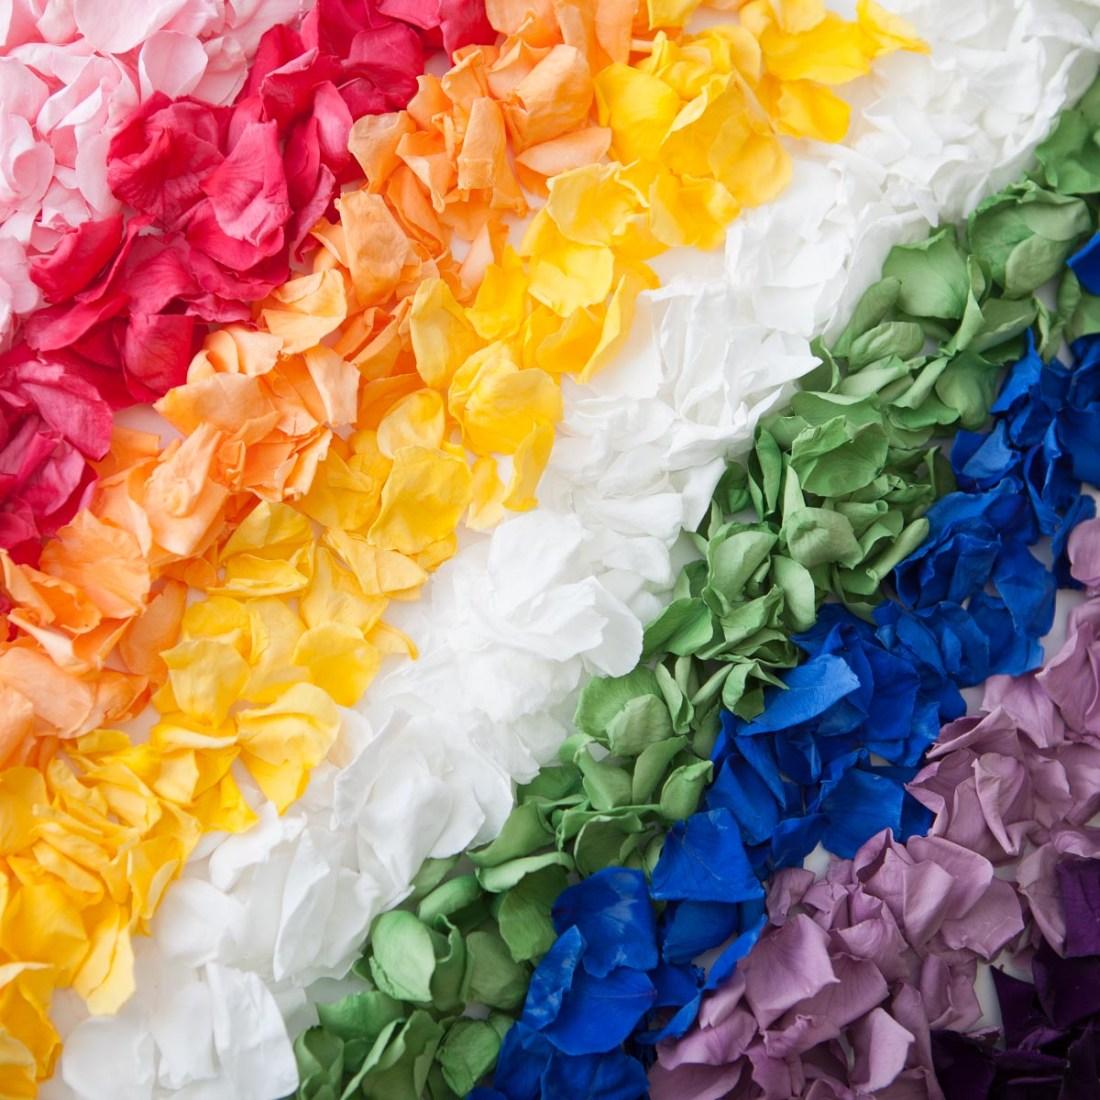 Rose Petals - a Coloured Rose Petals rainbow